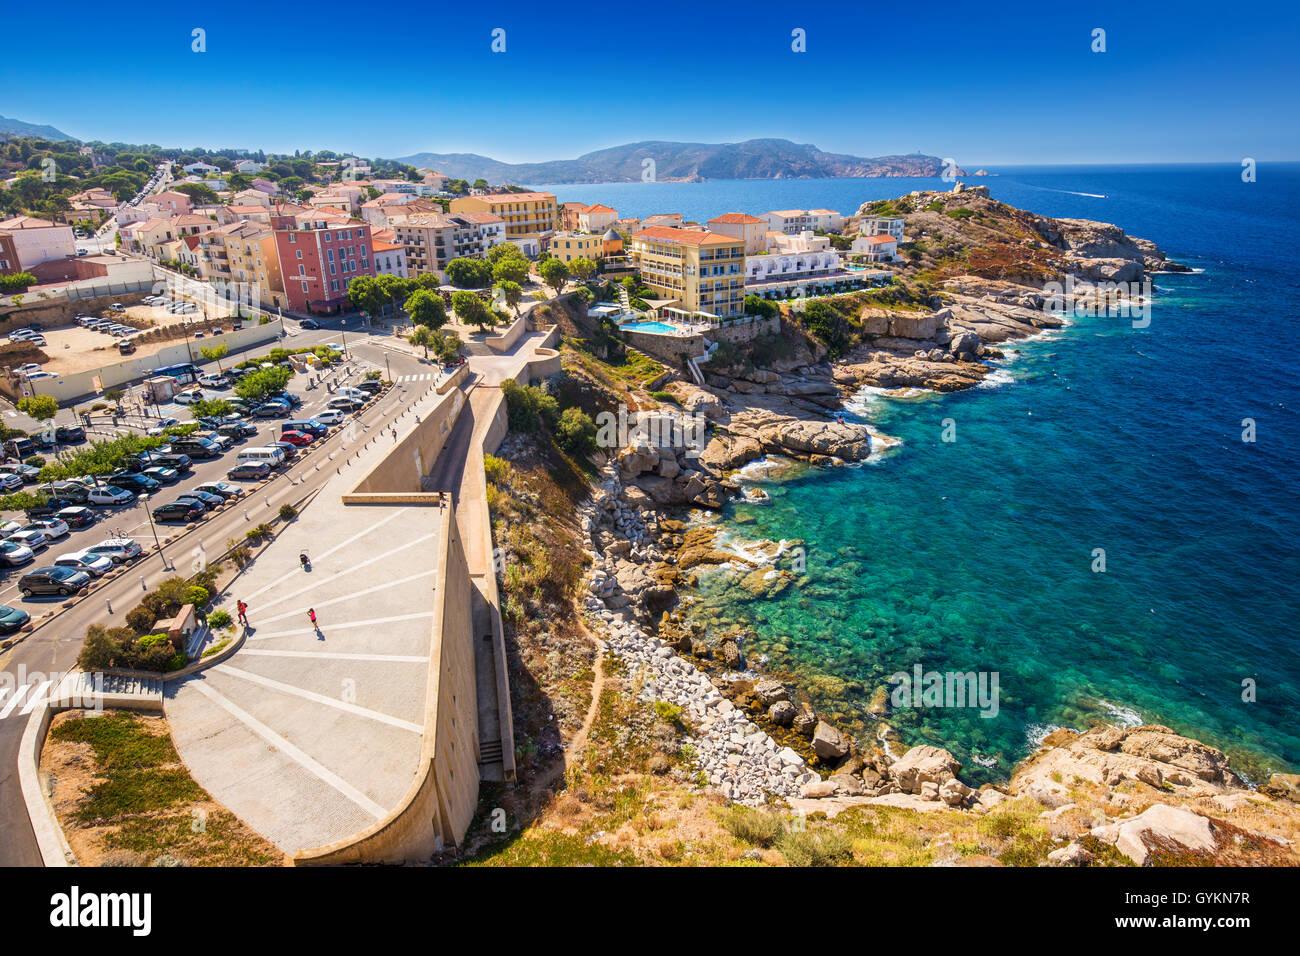 Blick auf wunderschöne Corsica Küste und historische Häuser in Calvi Altstadt mit türkisblauen Stockbild